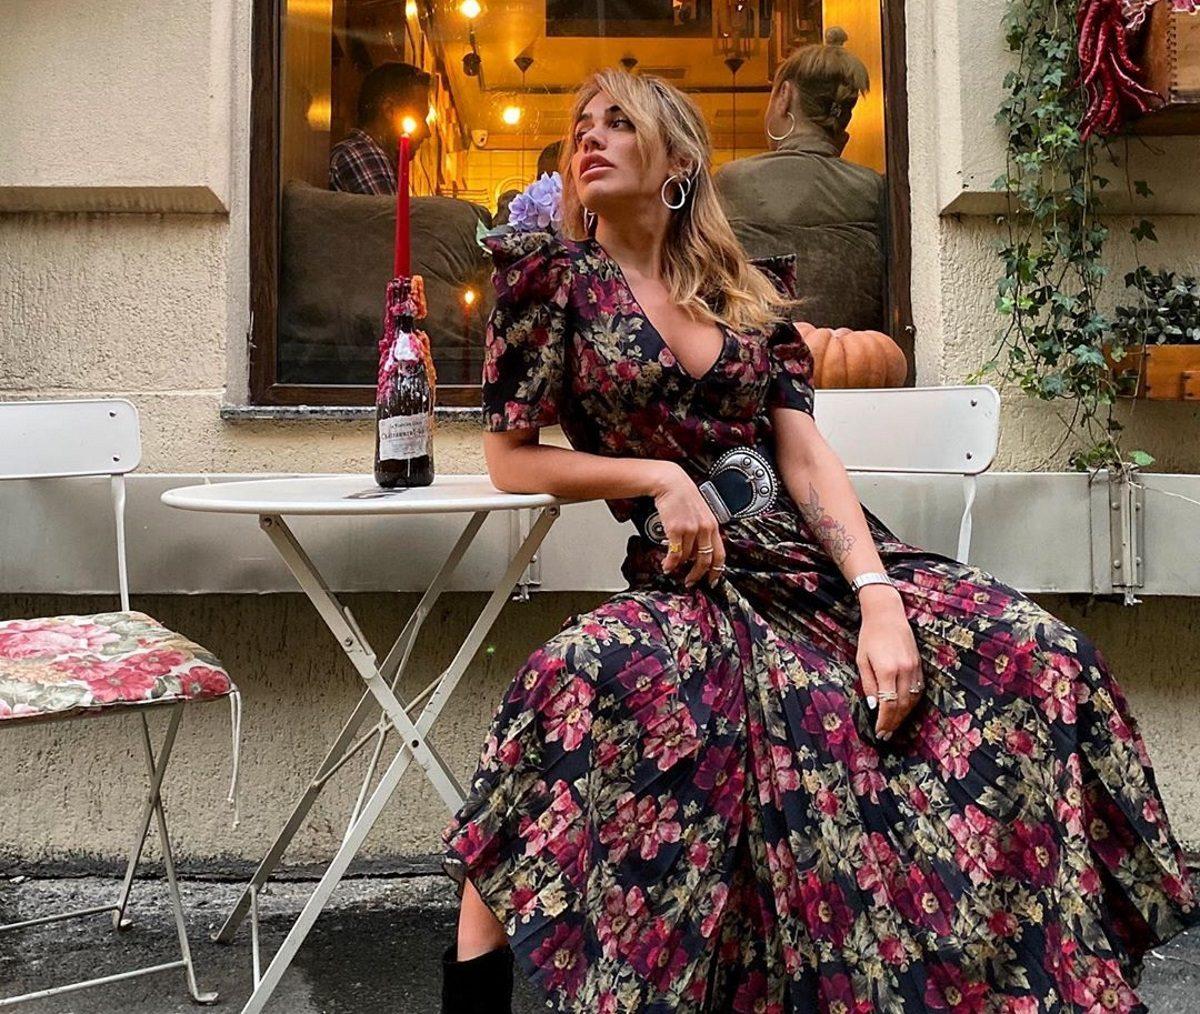 Κόνι Μεταξά: Αυτή είναι η πρώτη φωτογραφία με τον νέο της σύντροφο; | tlife.gr